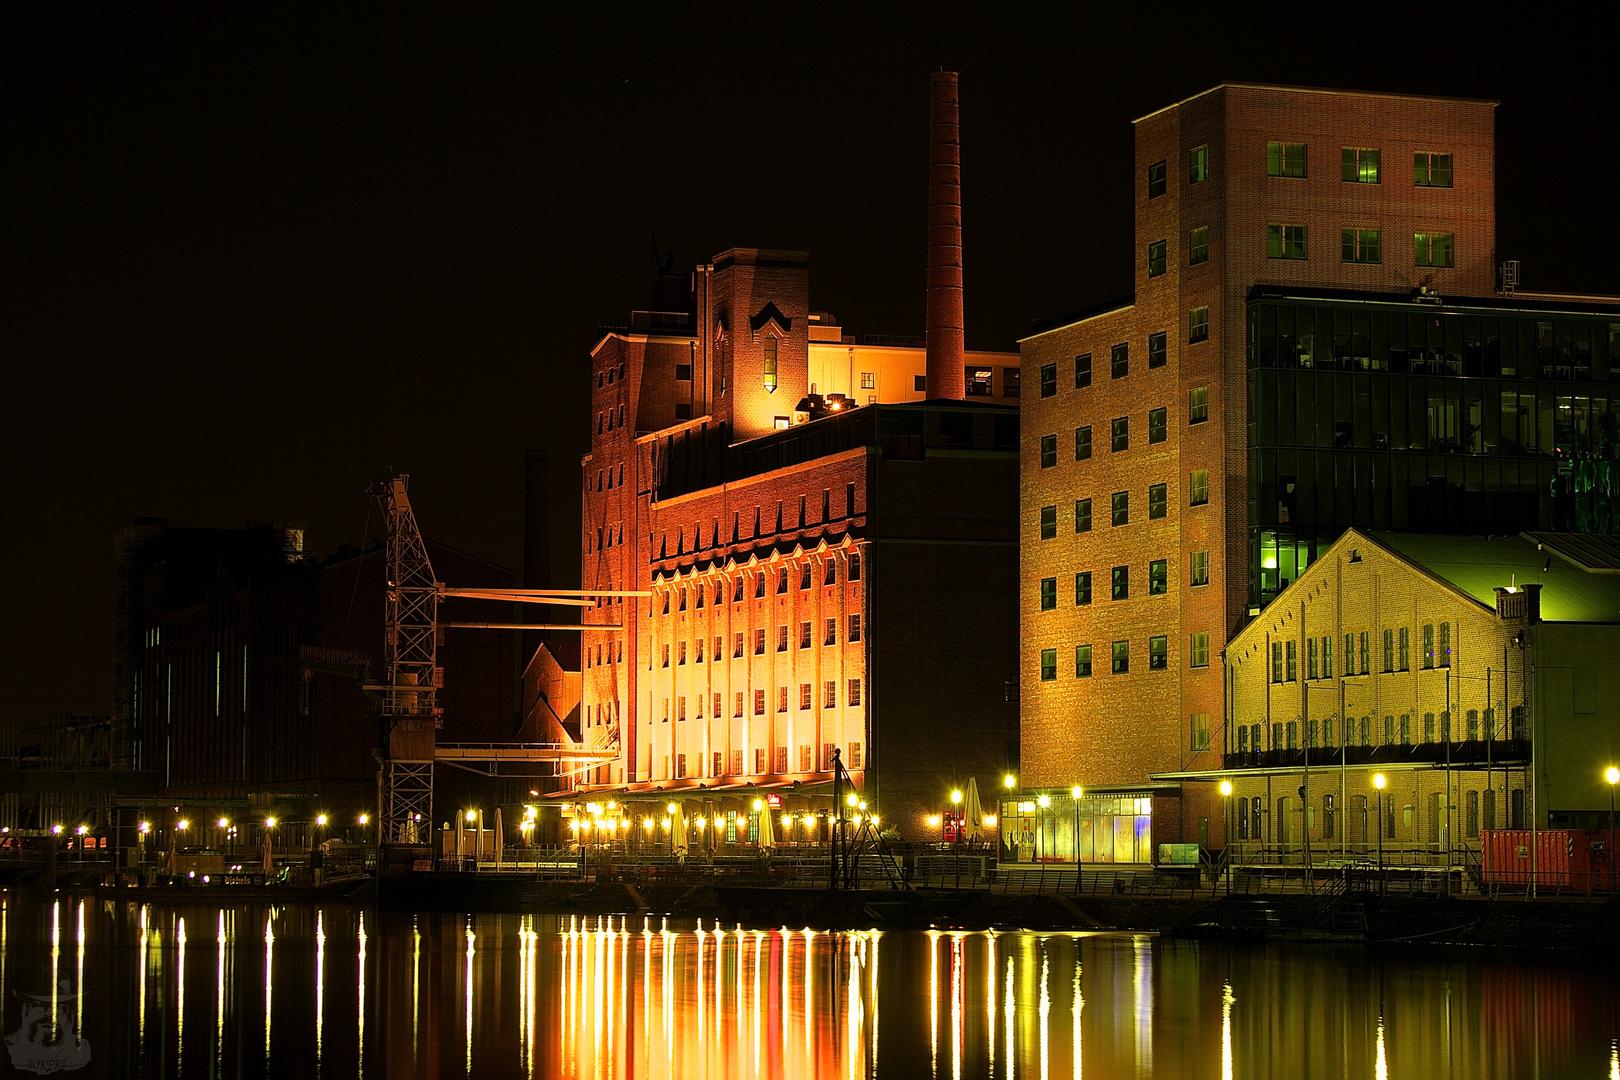 Nachts im Innenhafen VIII